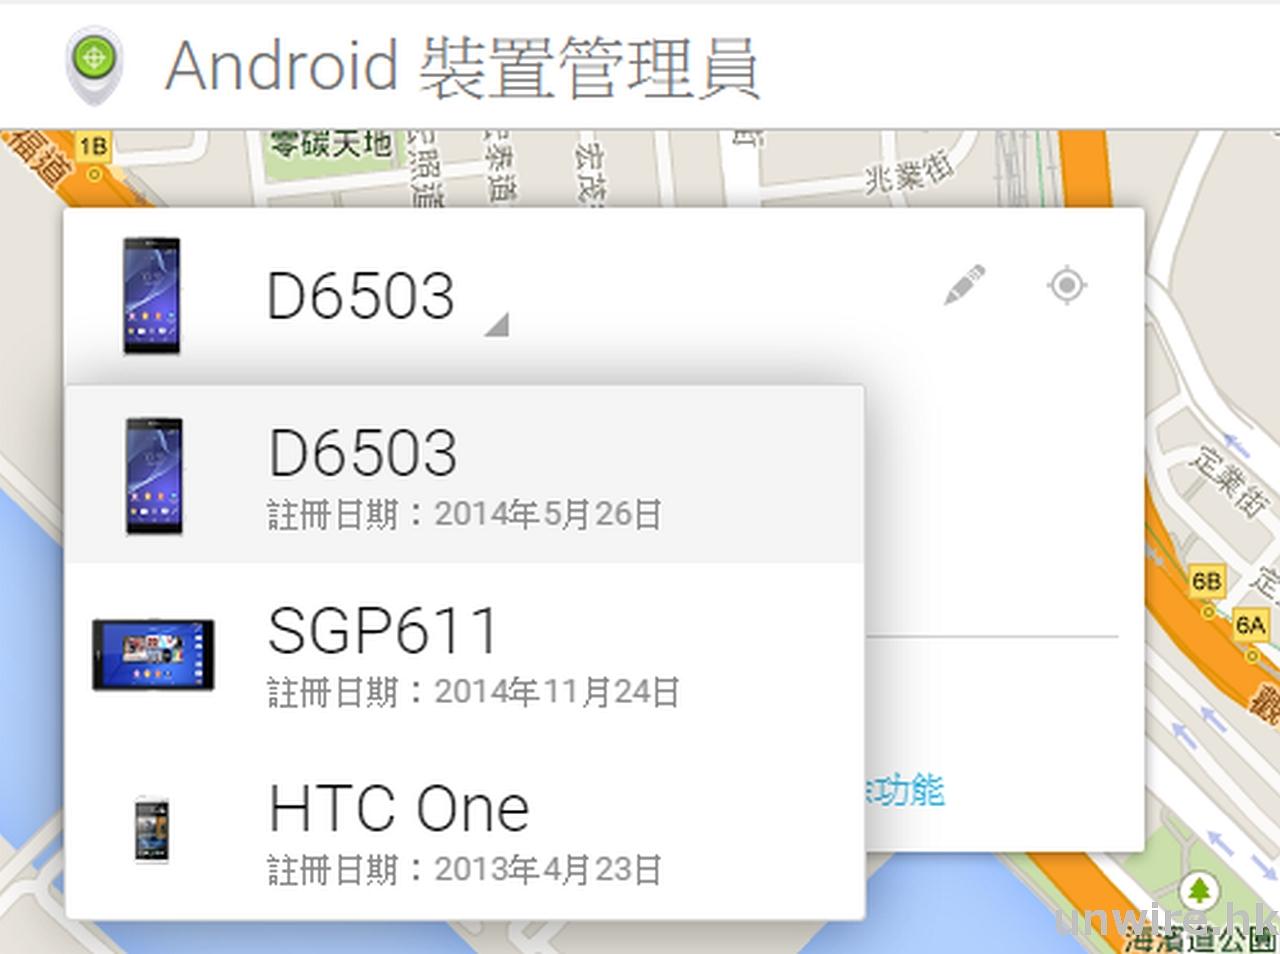 簡單快速 5 步用 Google Search 搜尋遺失/被盜 Android 手機位置